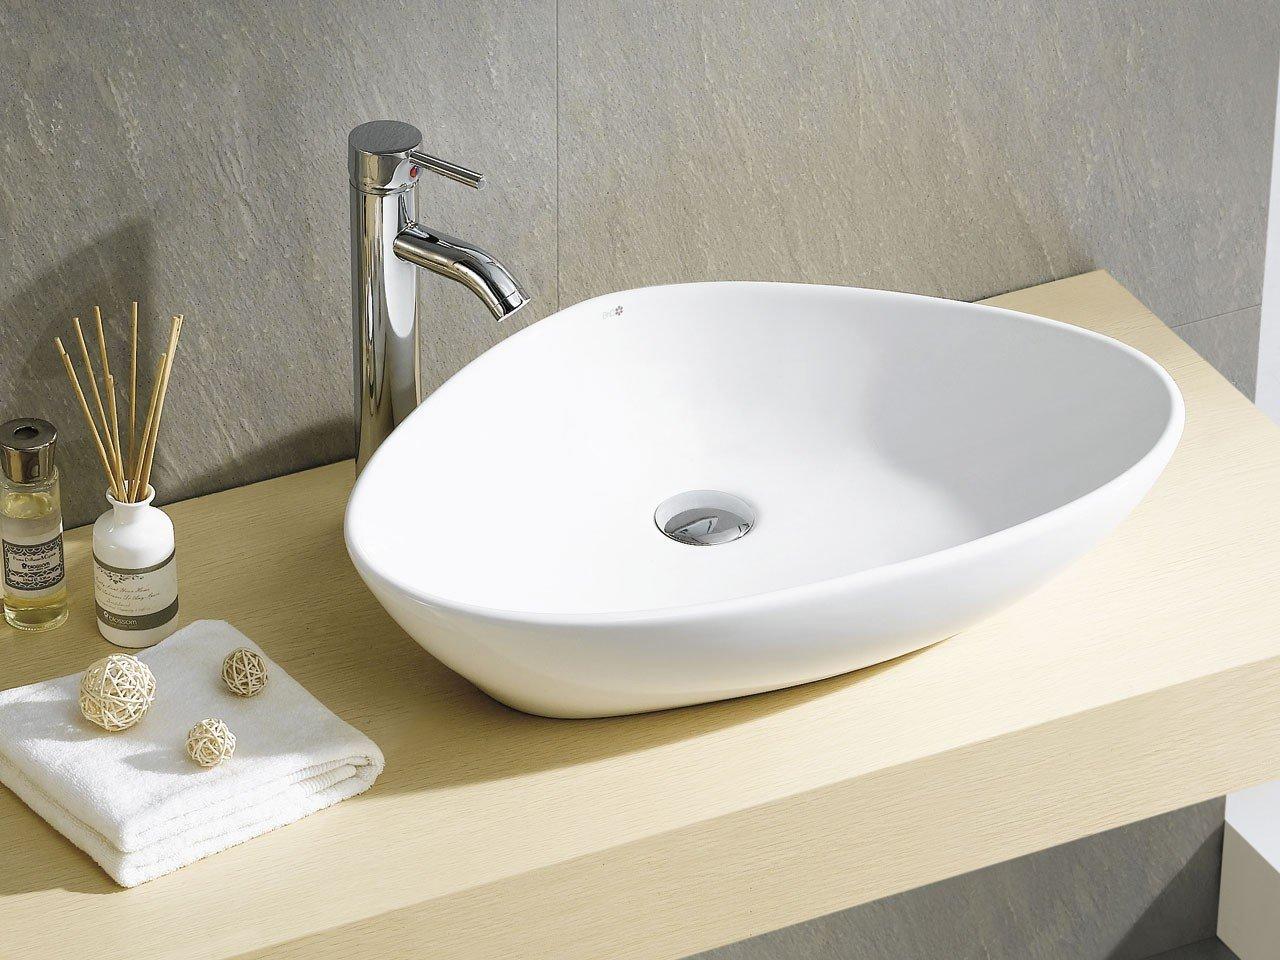 Lavabo d 39 arredo teruel 58 5x39 h14 ceram iperceramica - Lavandini da incasso bagno ...